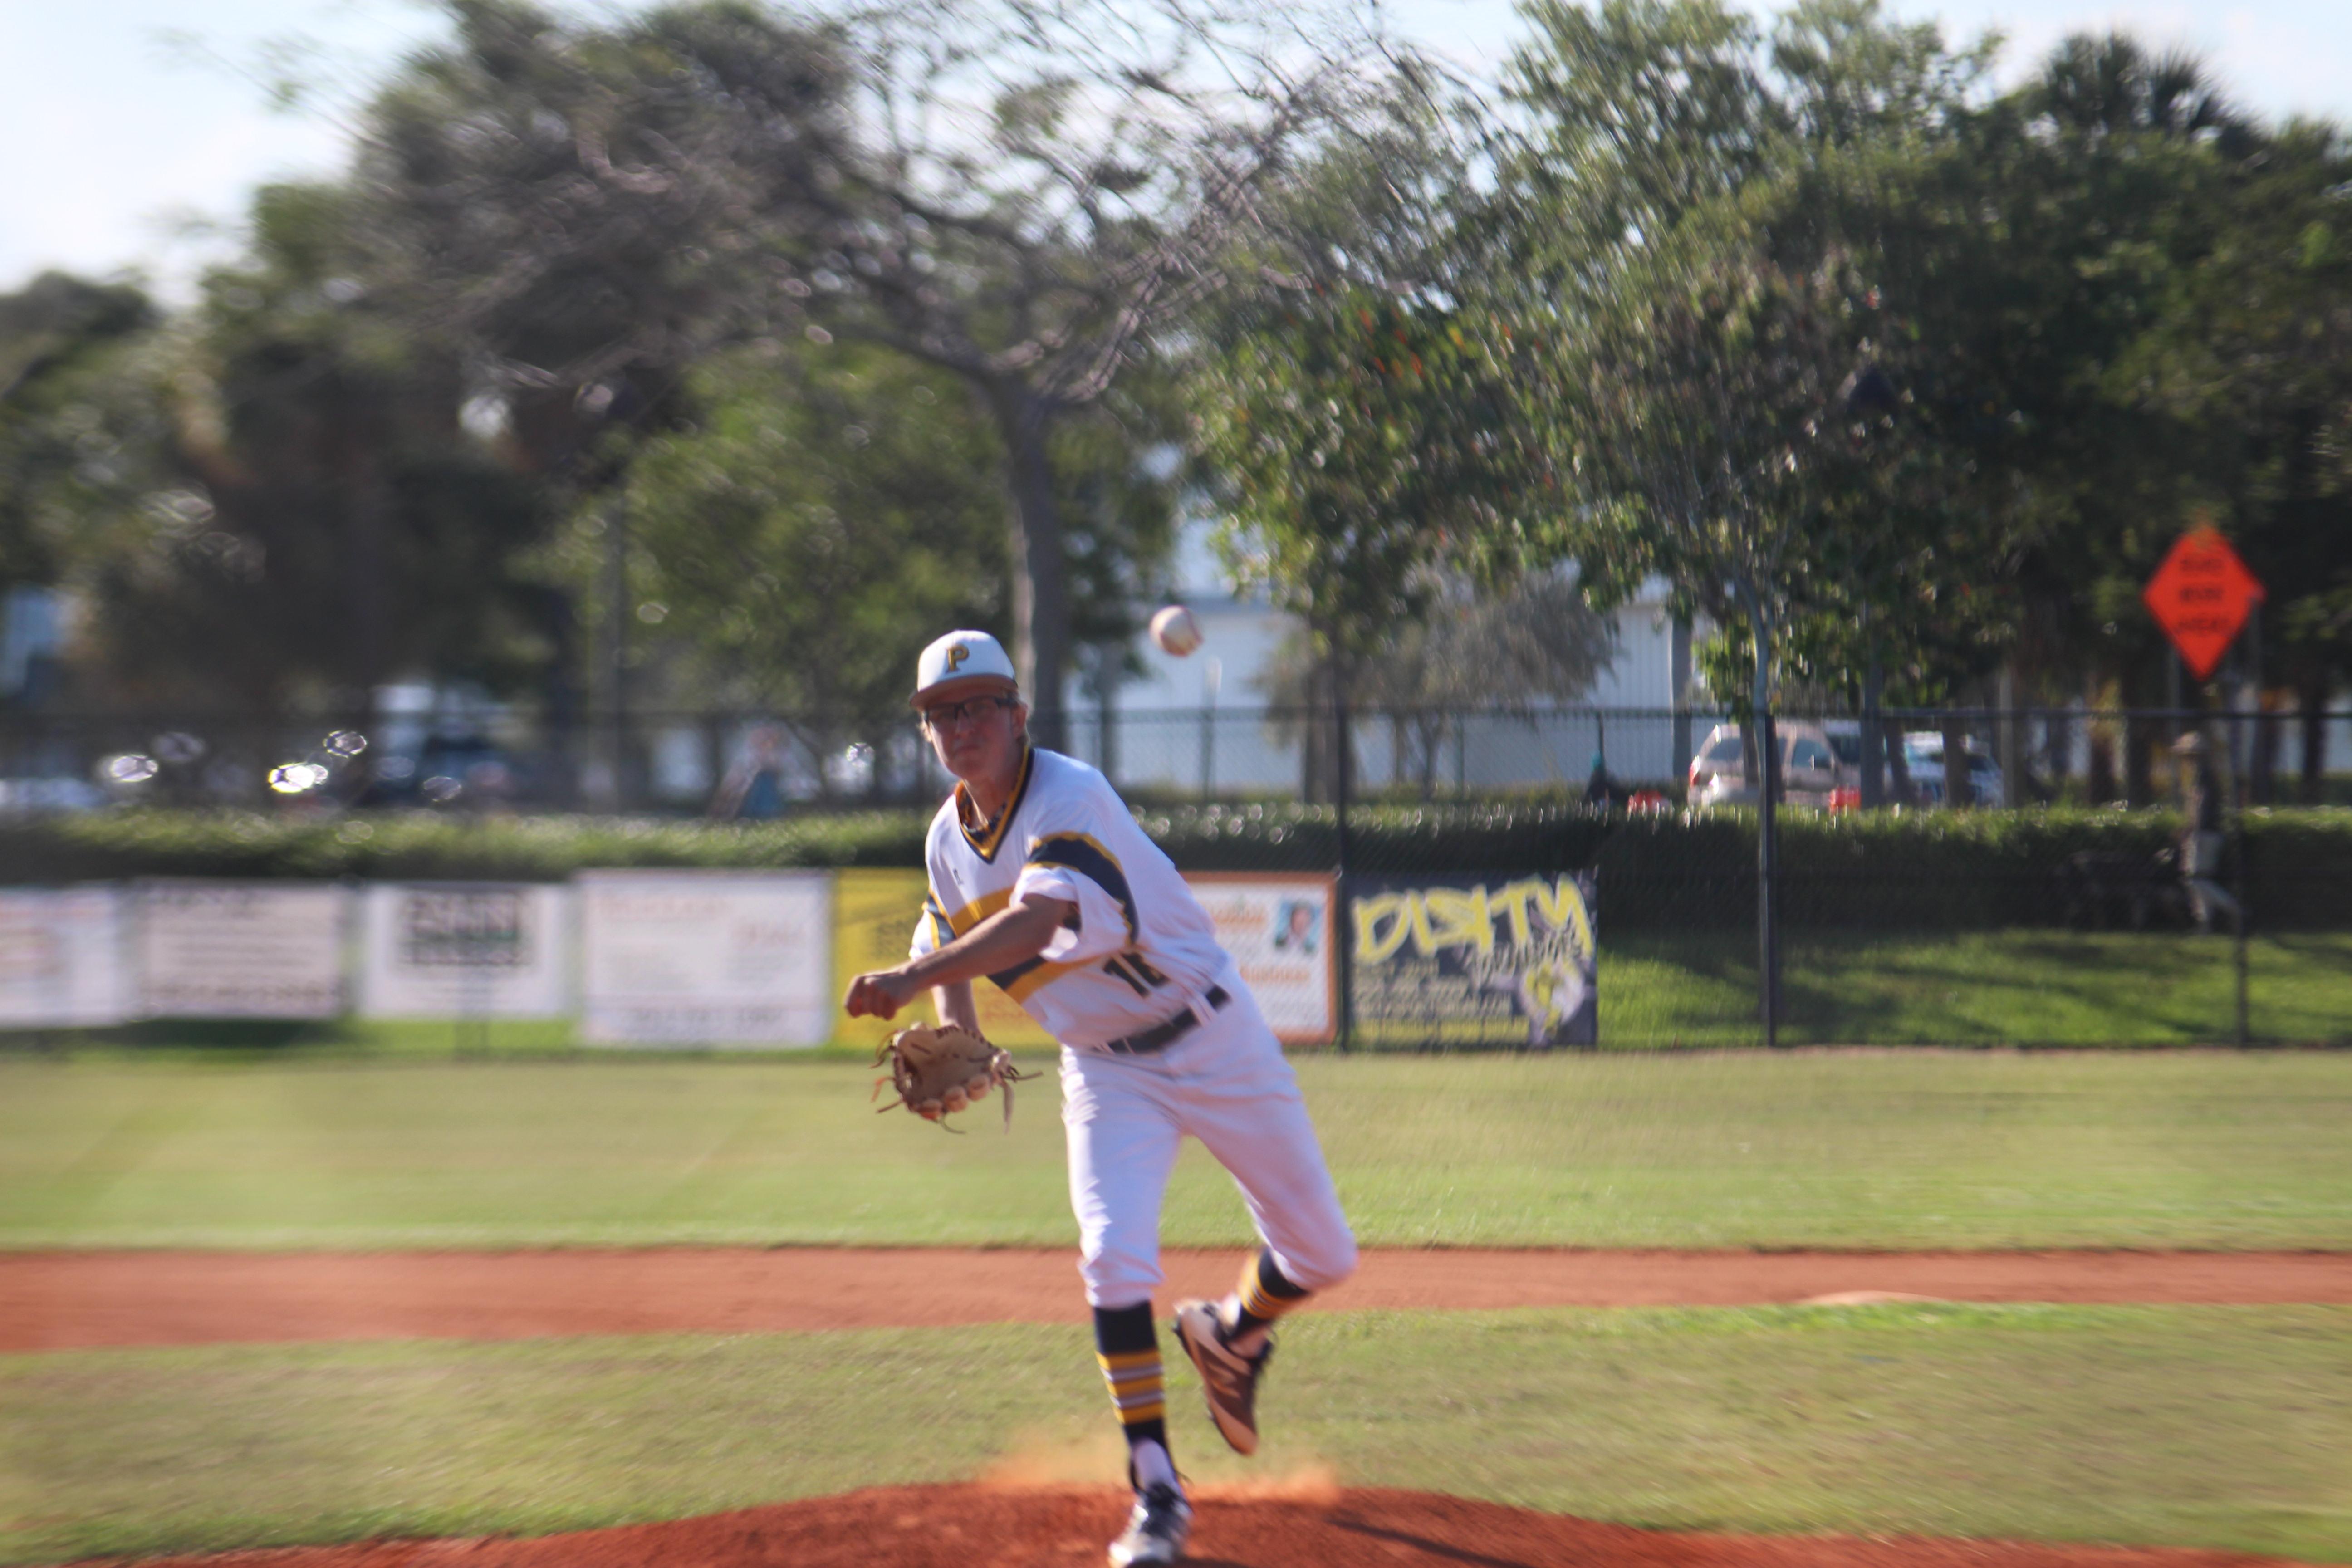 sportsbaseball2_ShanM